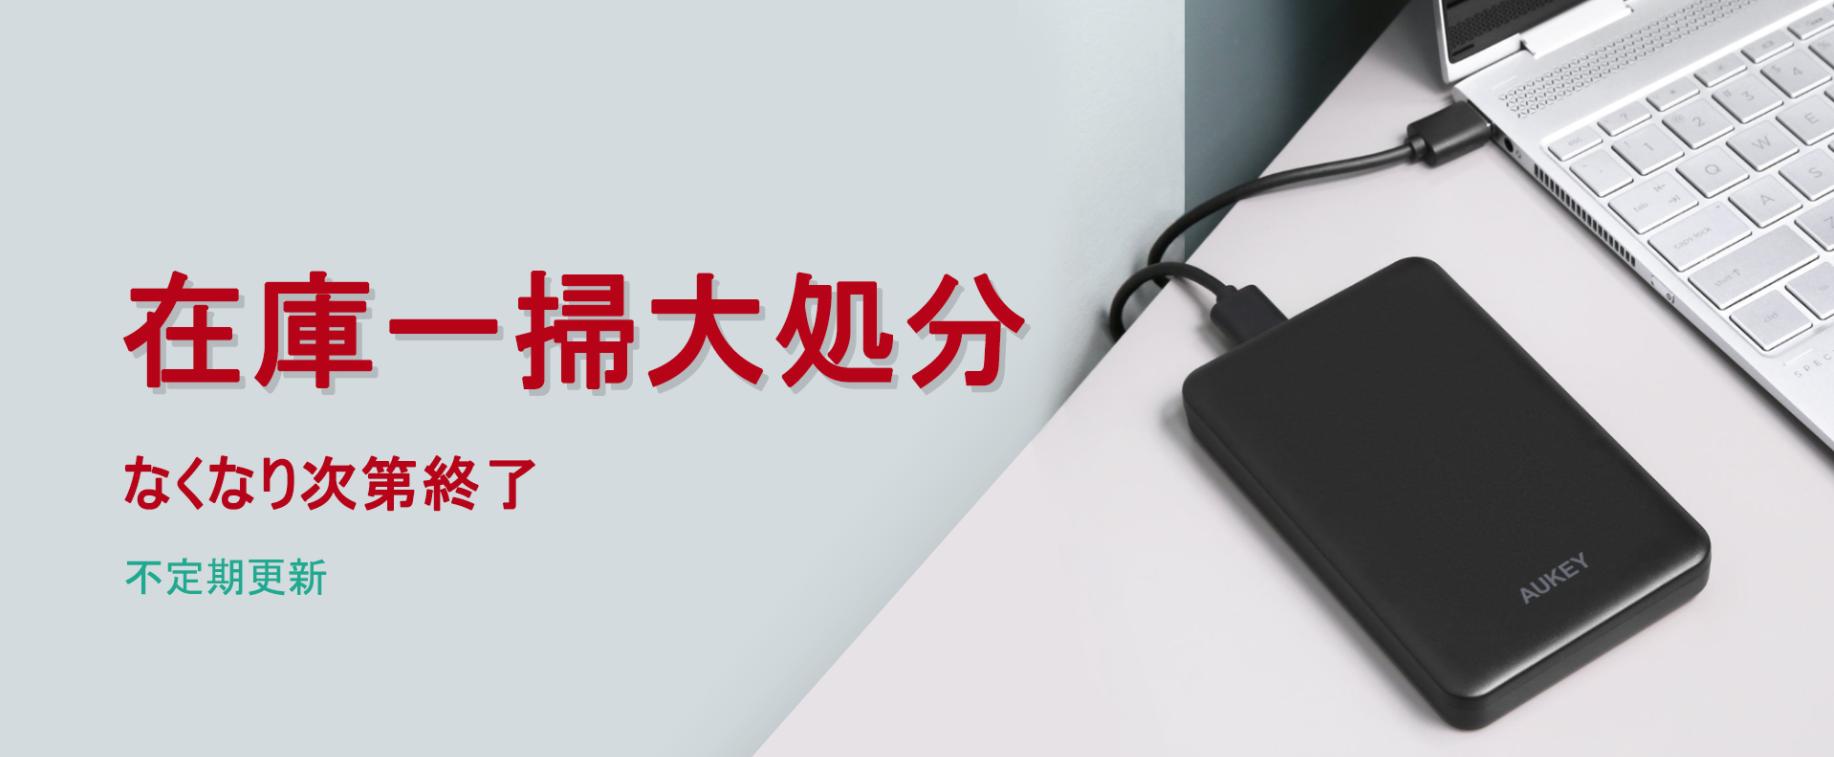 人気商品が最安599円に。AUKEY、無くなり次第終了の在庫一掃大処分セール開催